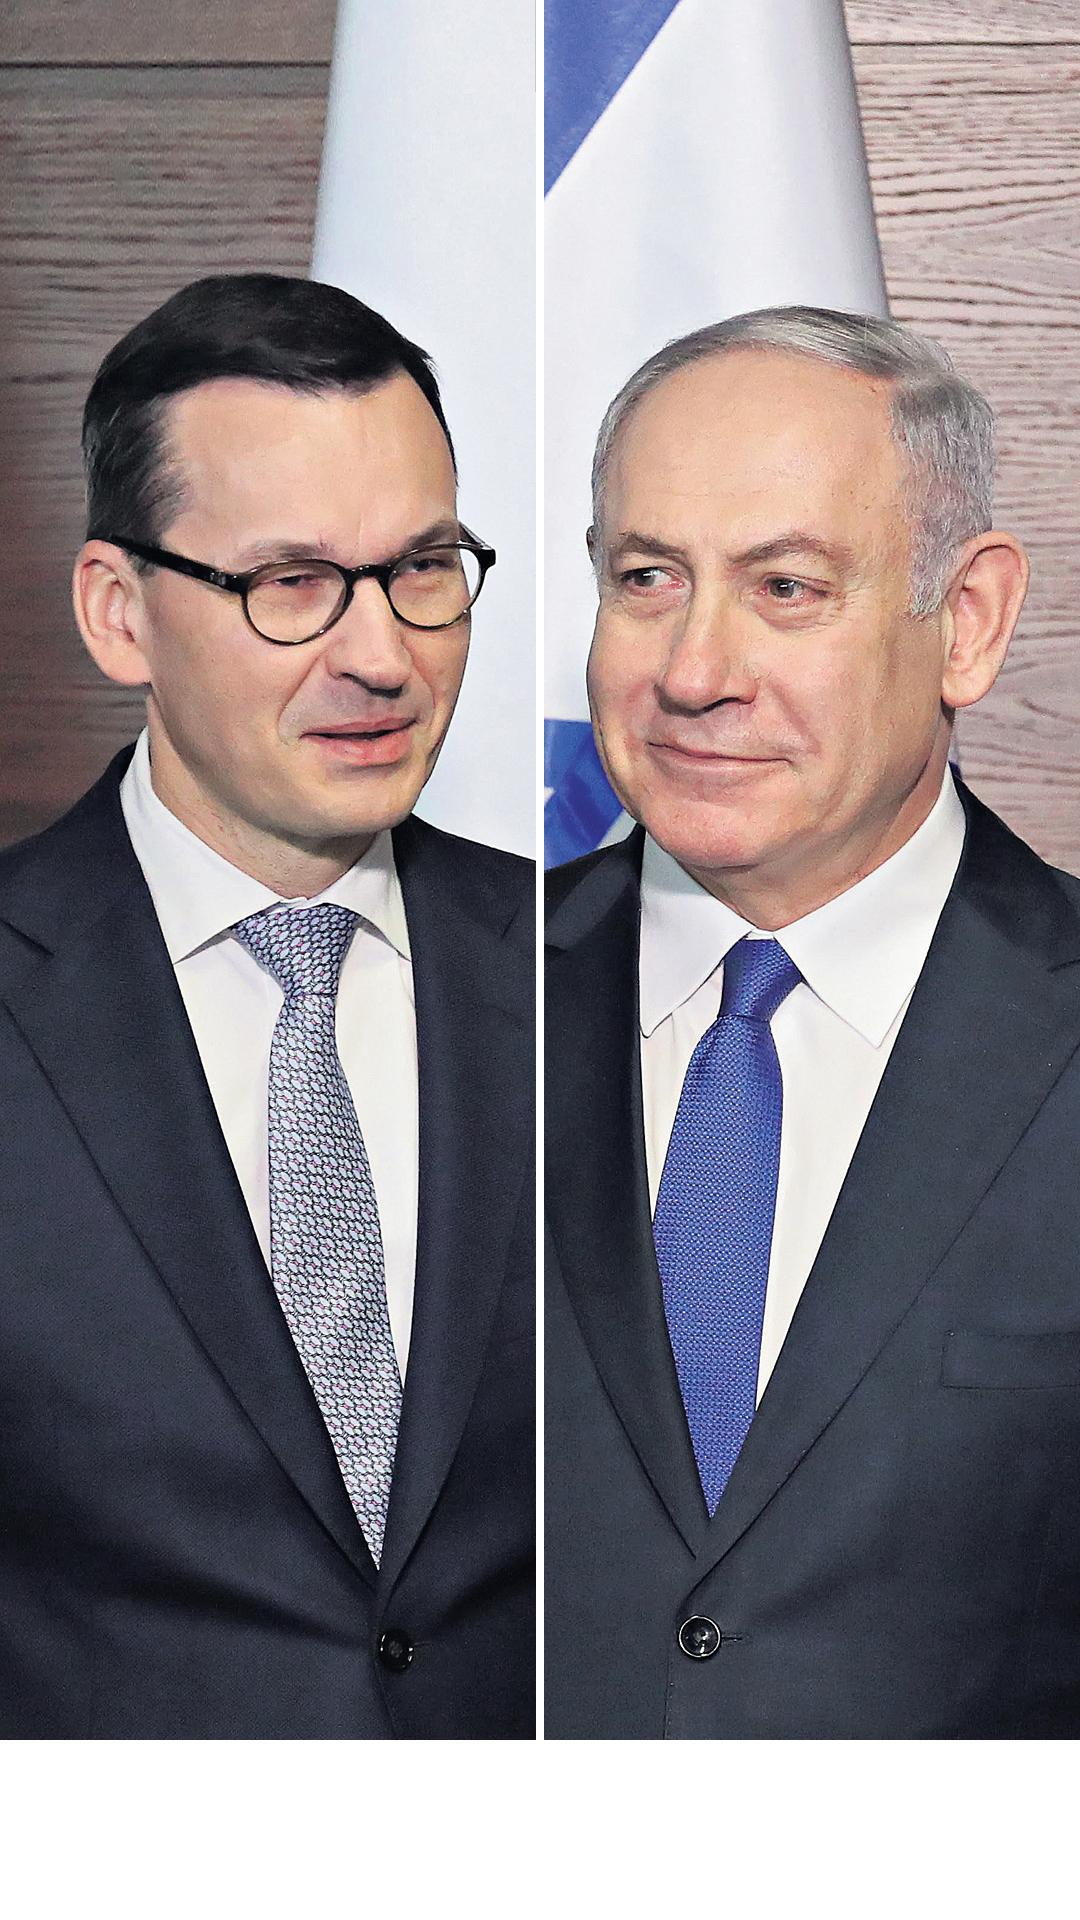 Mateusz Morawiecki and Benjamin Netanyahu